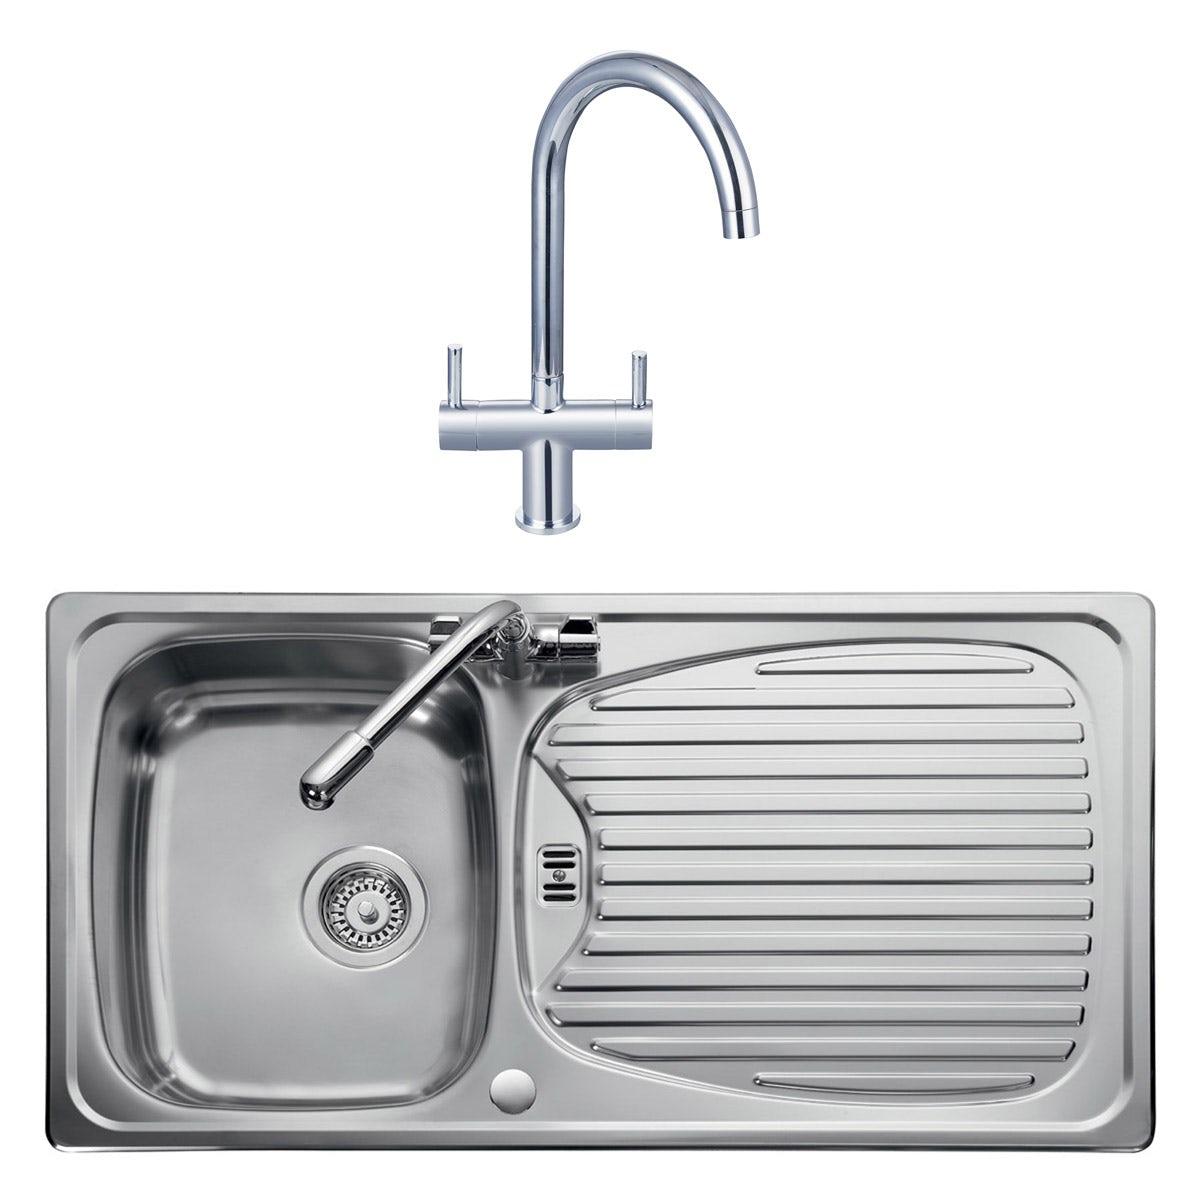 Stainless Steel 1 0 Bowl Kitchen Sink